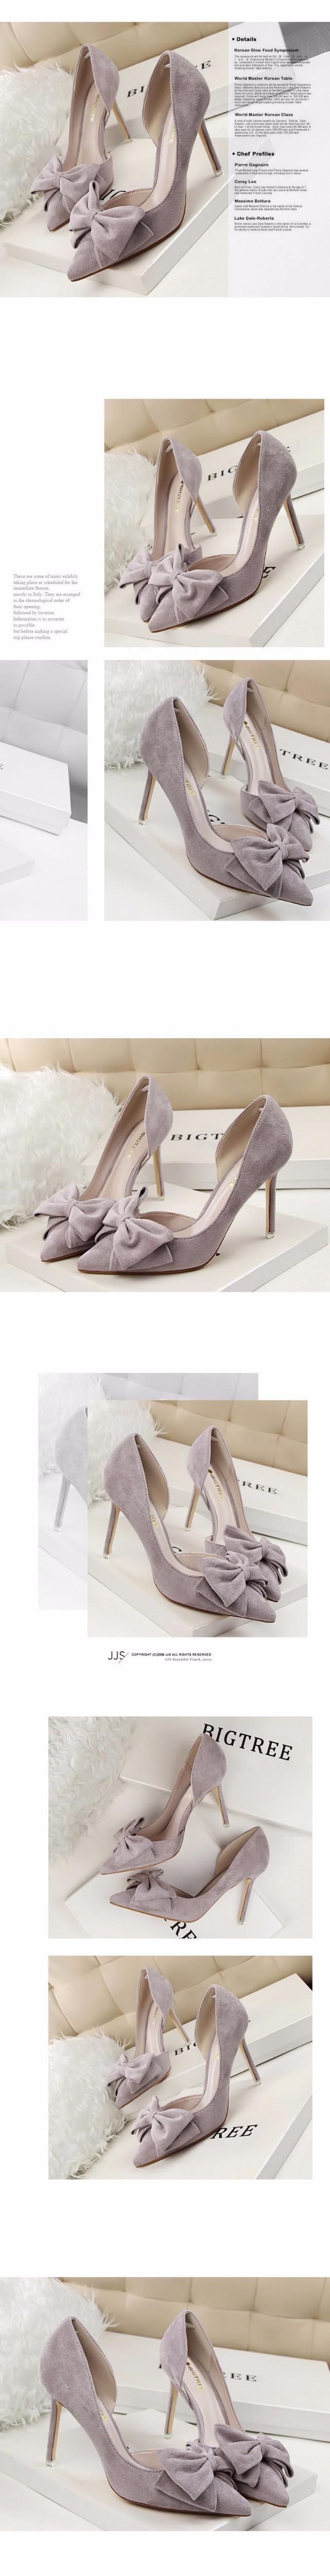 ifang Women Wedding Shoes 2016 Bridal High Heels Sweet Party High Heel Shoes Woman Women Heels Pumps Casual Women's Shoes